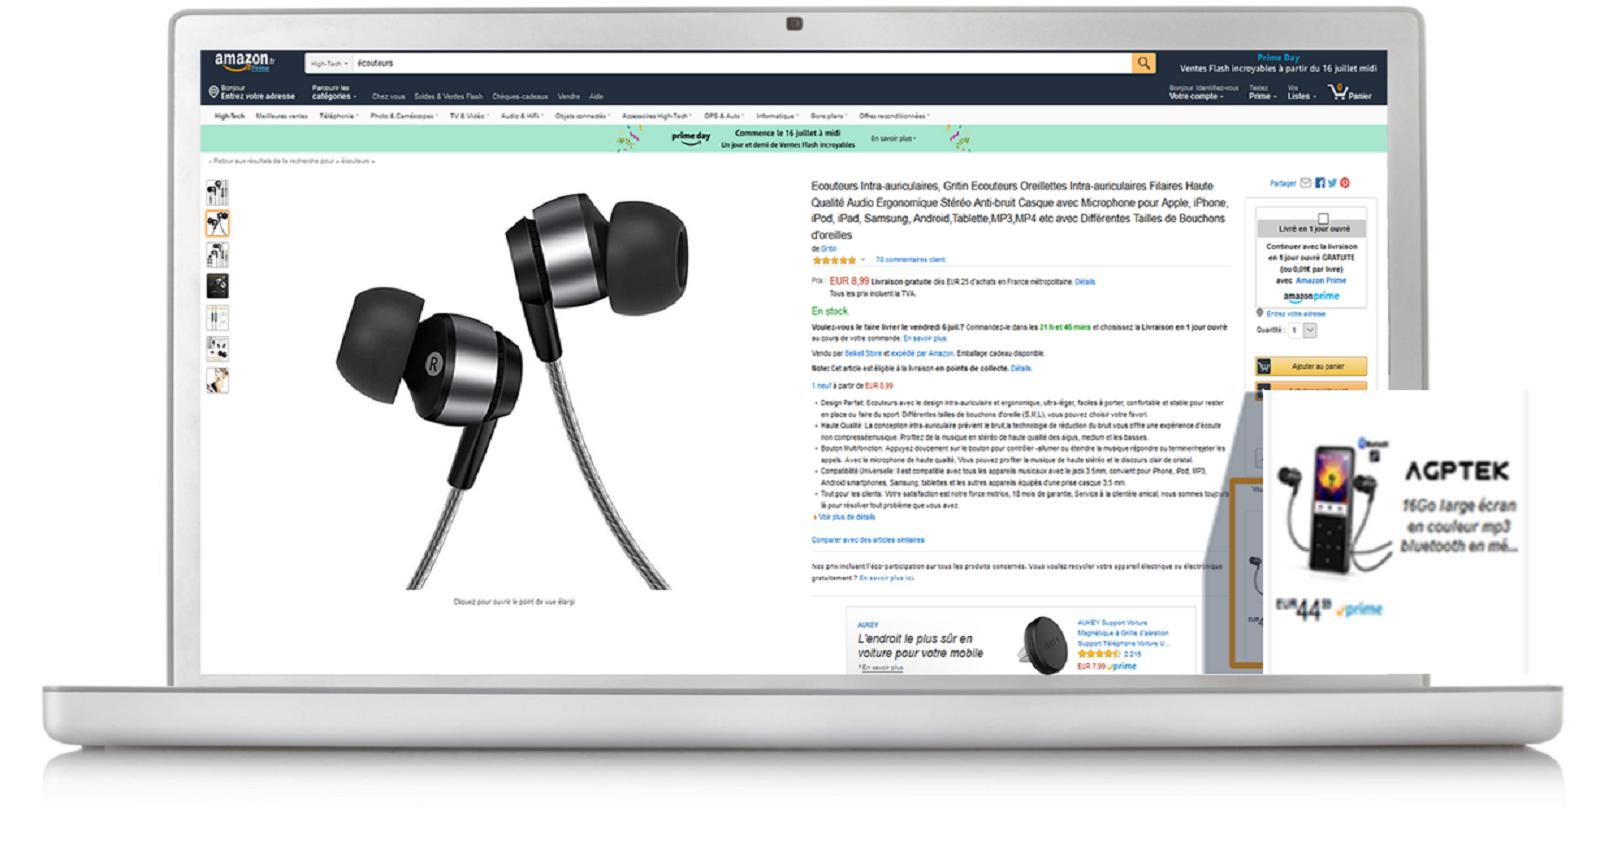 Exemples de Publicités Product Display sur ordinateur de bureau et mobile